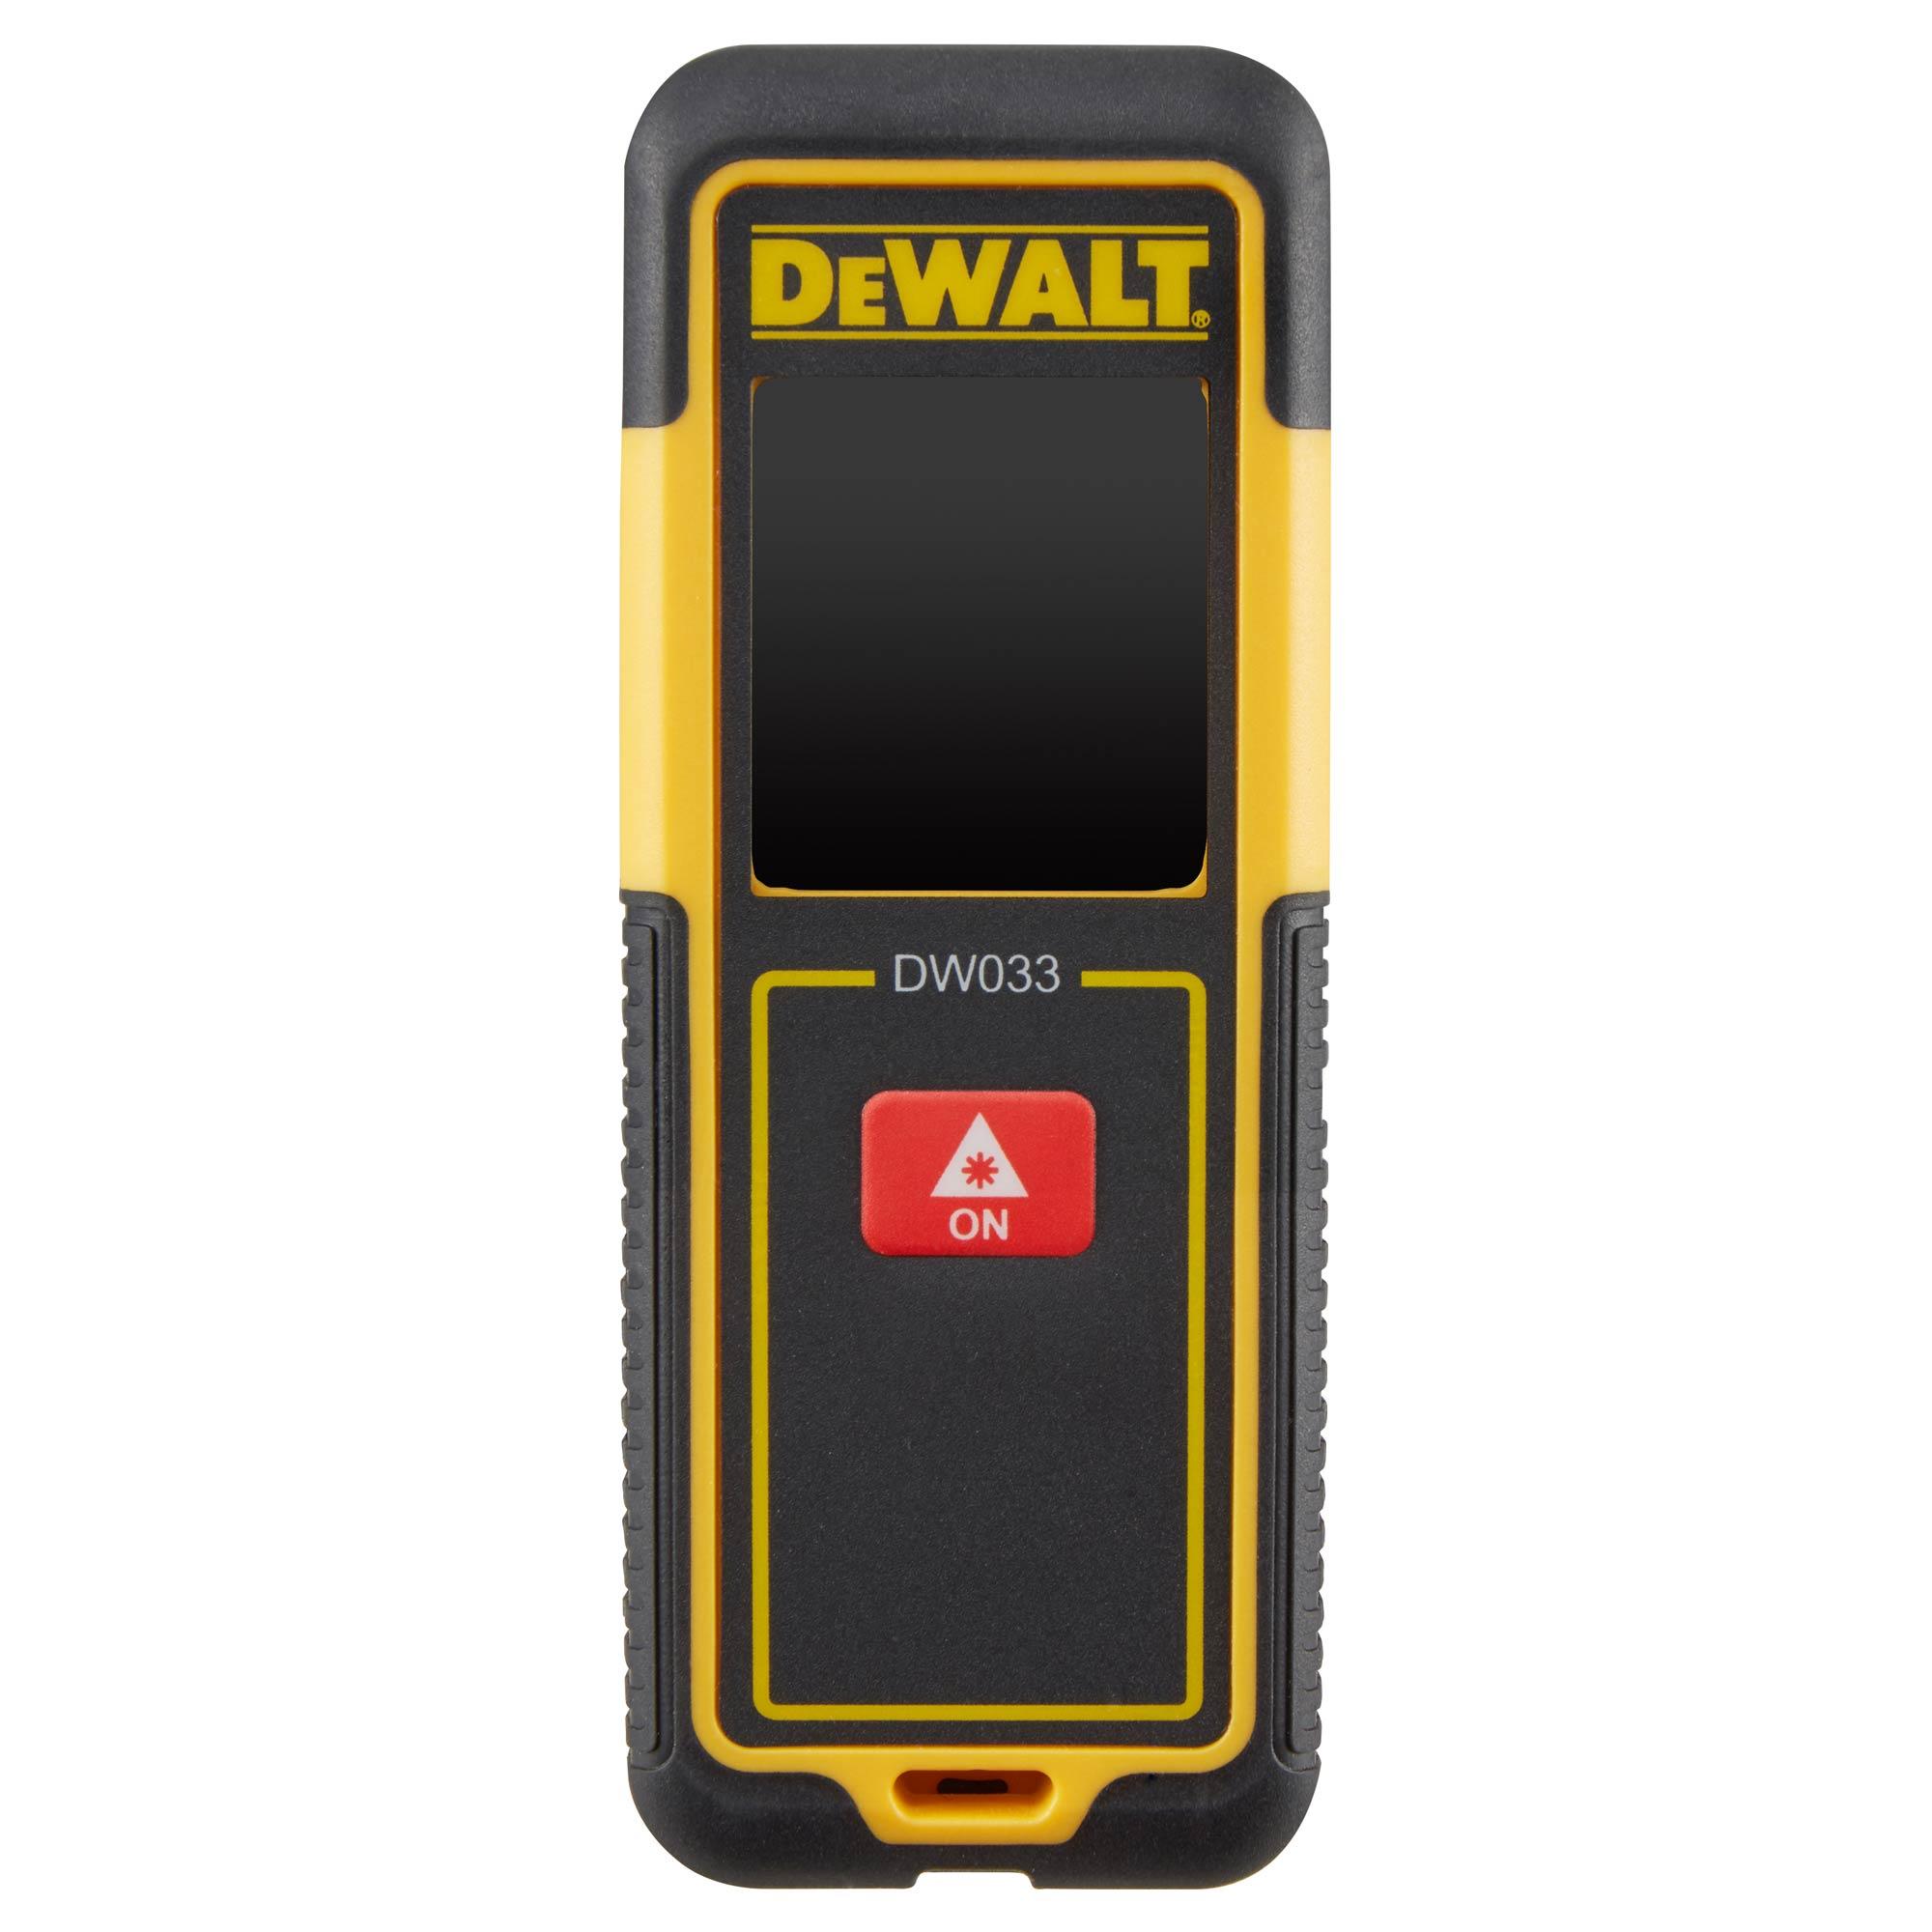 DW033 DeWALT Laserový měřič vzdálenosti